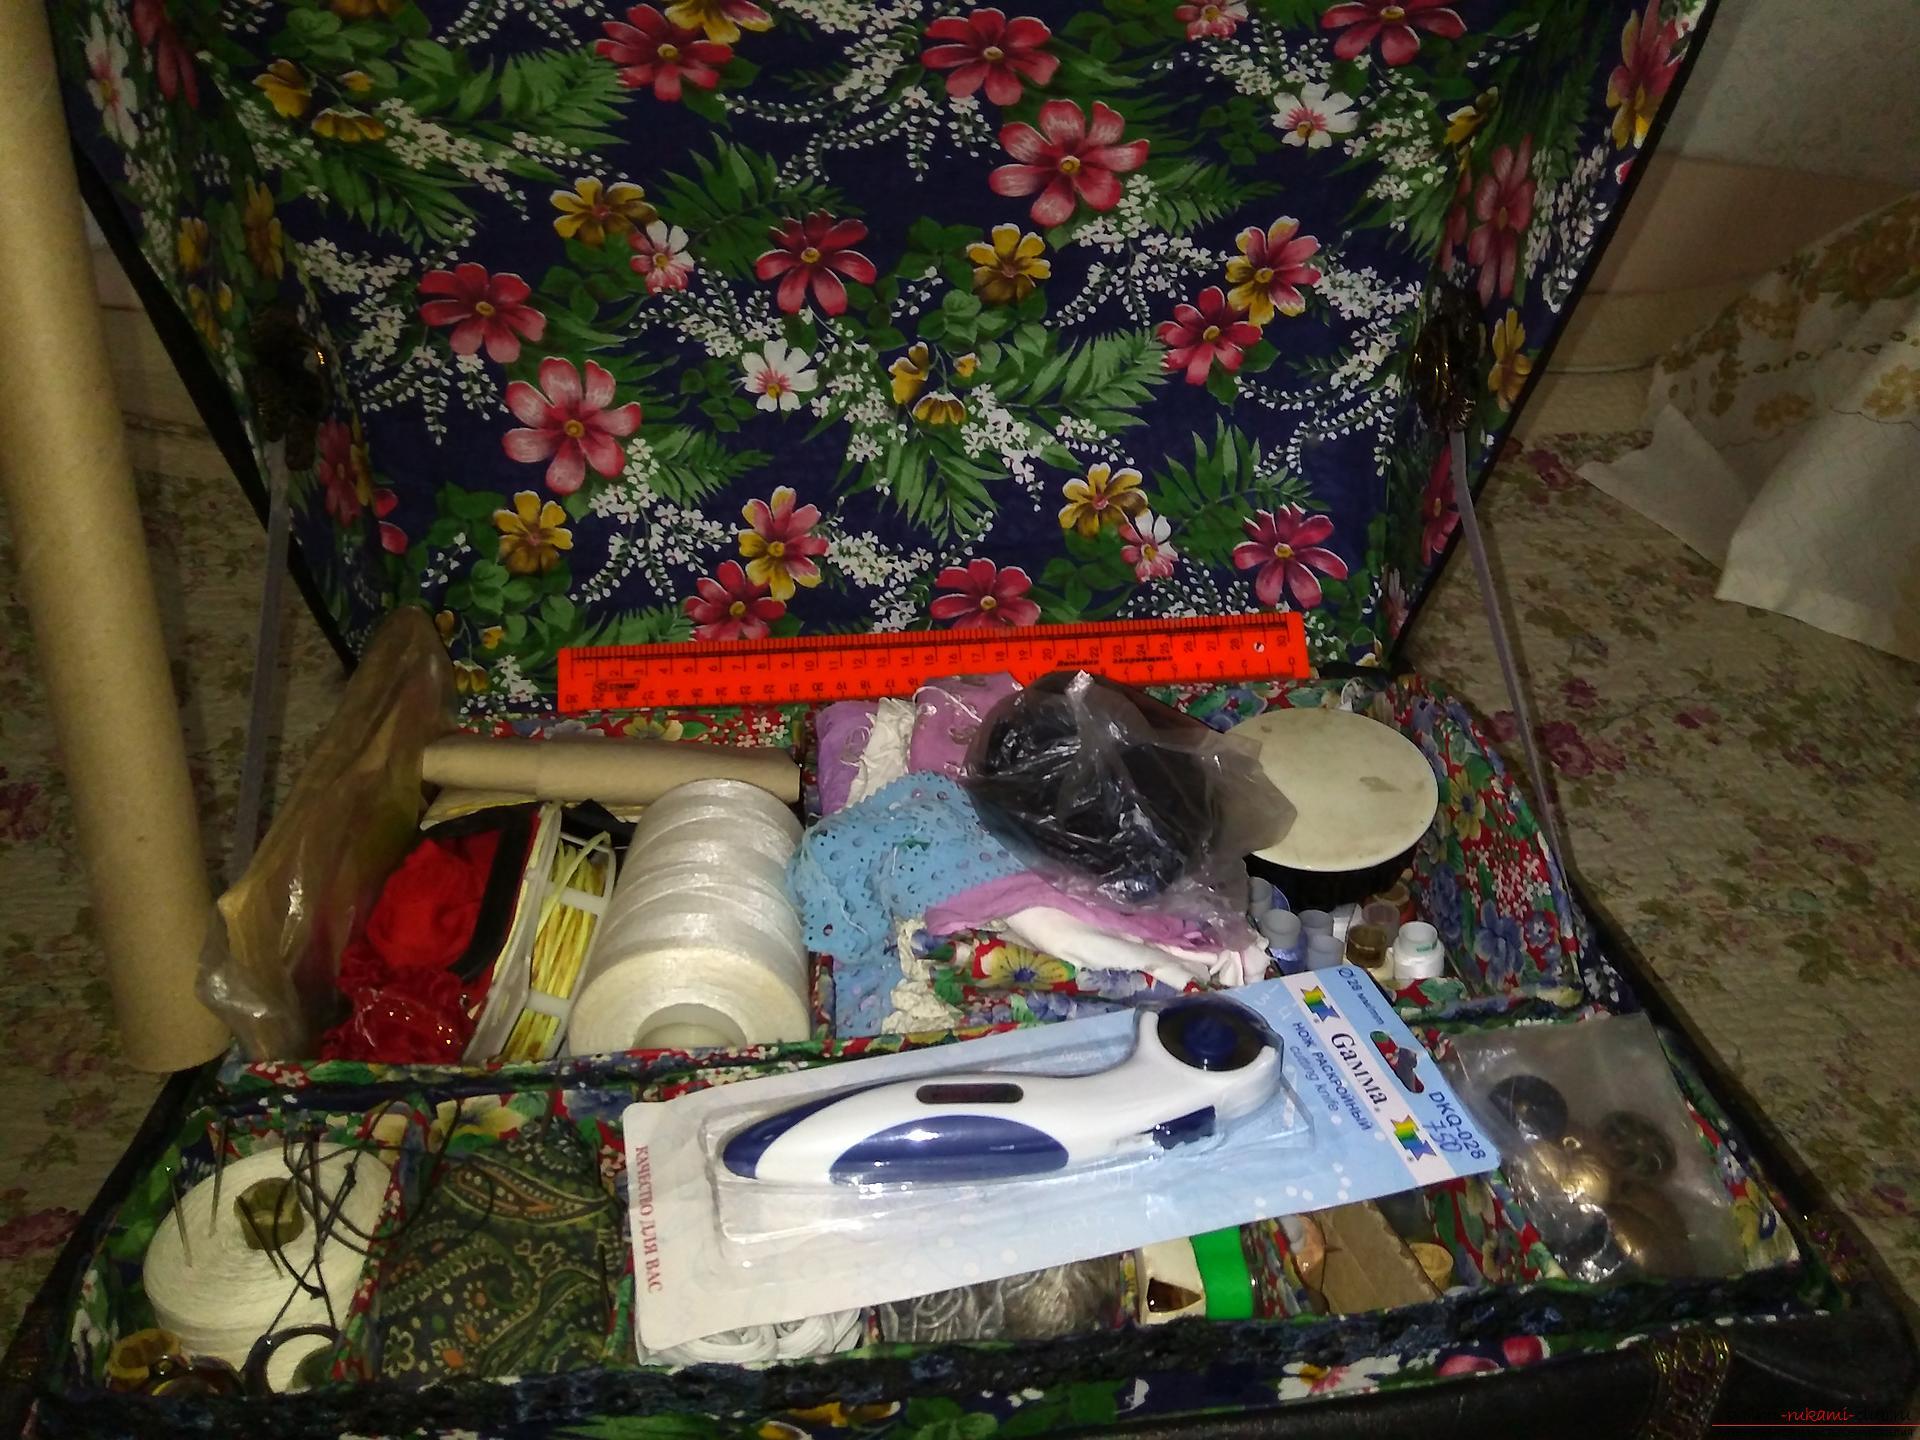 Сундучок-шкатулка для мелочей на Конкурс ПО ШВУ Пришли хвастушку, идеи и поделки для дома своими руками